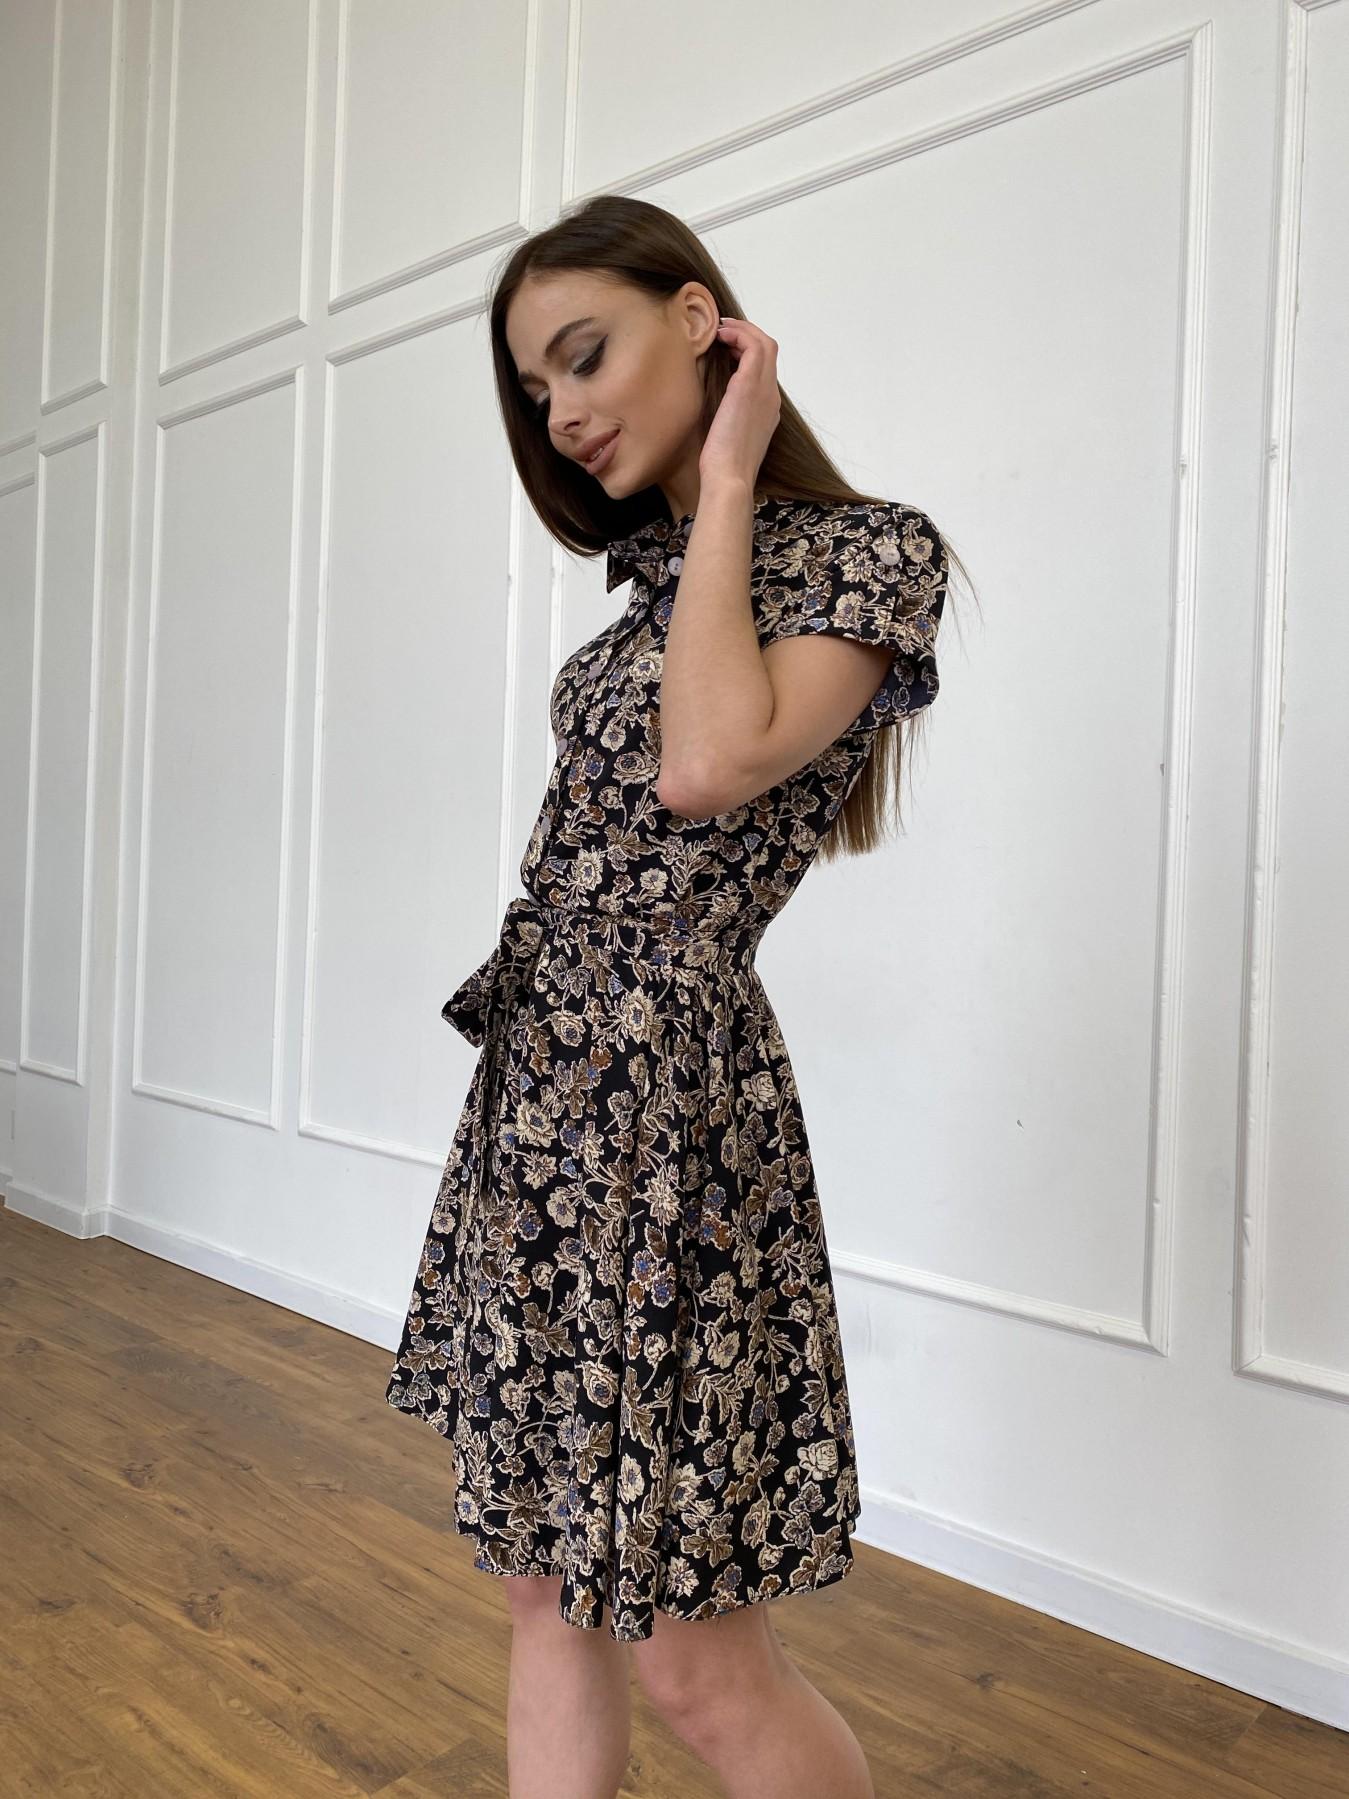 Санжар платье из ткани софт в принт 11215 АРТ. 47726 Цвет: Черный/т. беж, Цветы - фото 4, интернет магазин tm-modus.ru